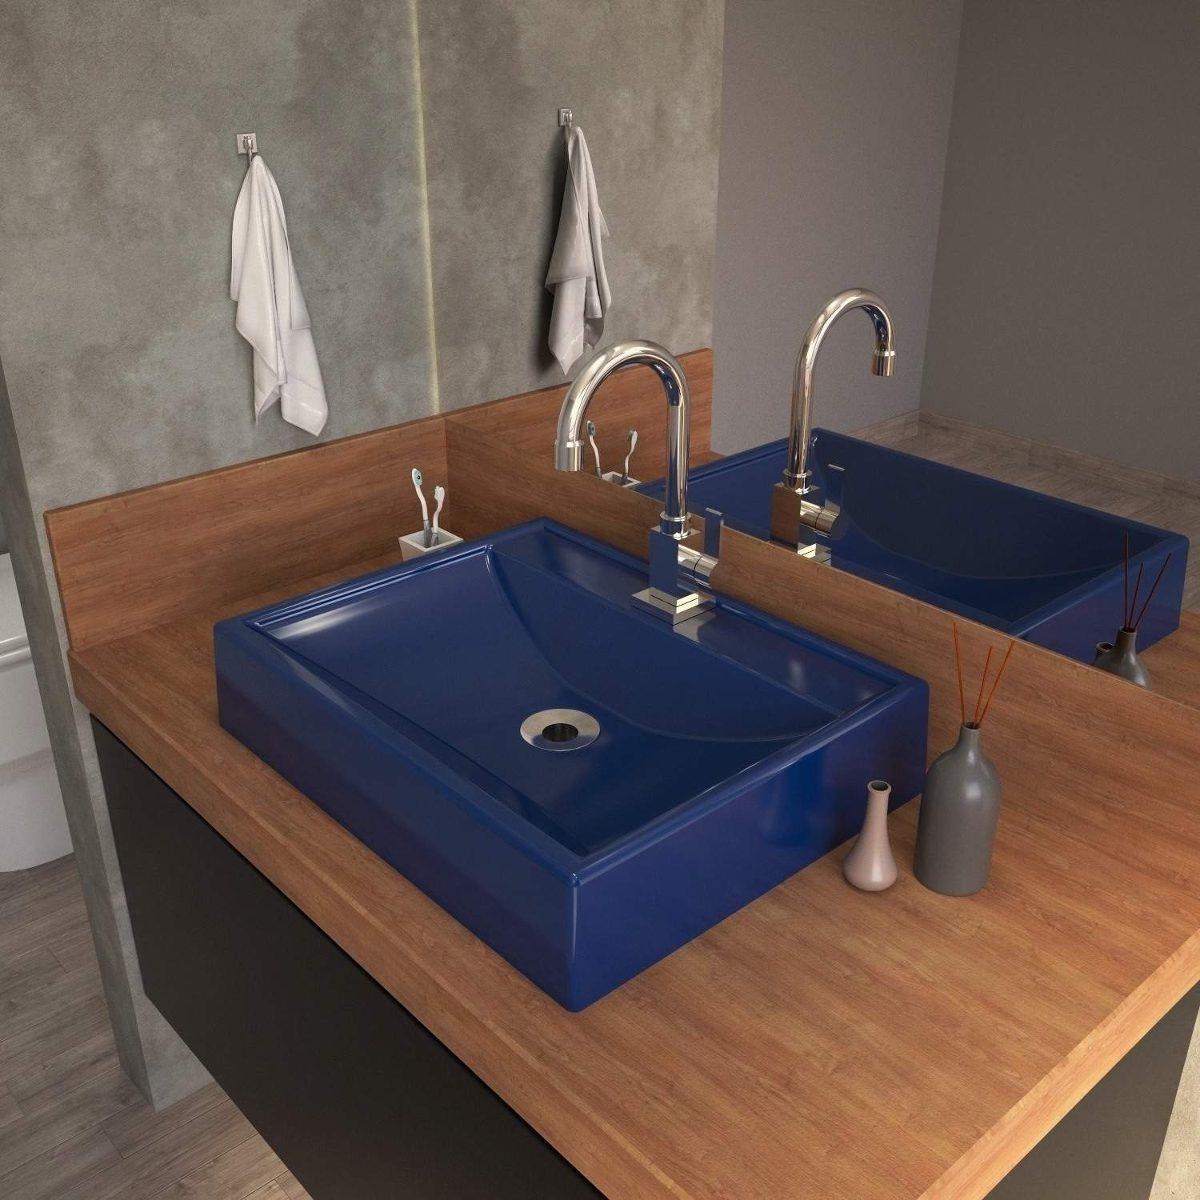 Cuba Para Banheiro Rt49w Retangular Compace Azul Ja R 157 90 Em Mercado Livre